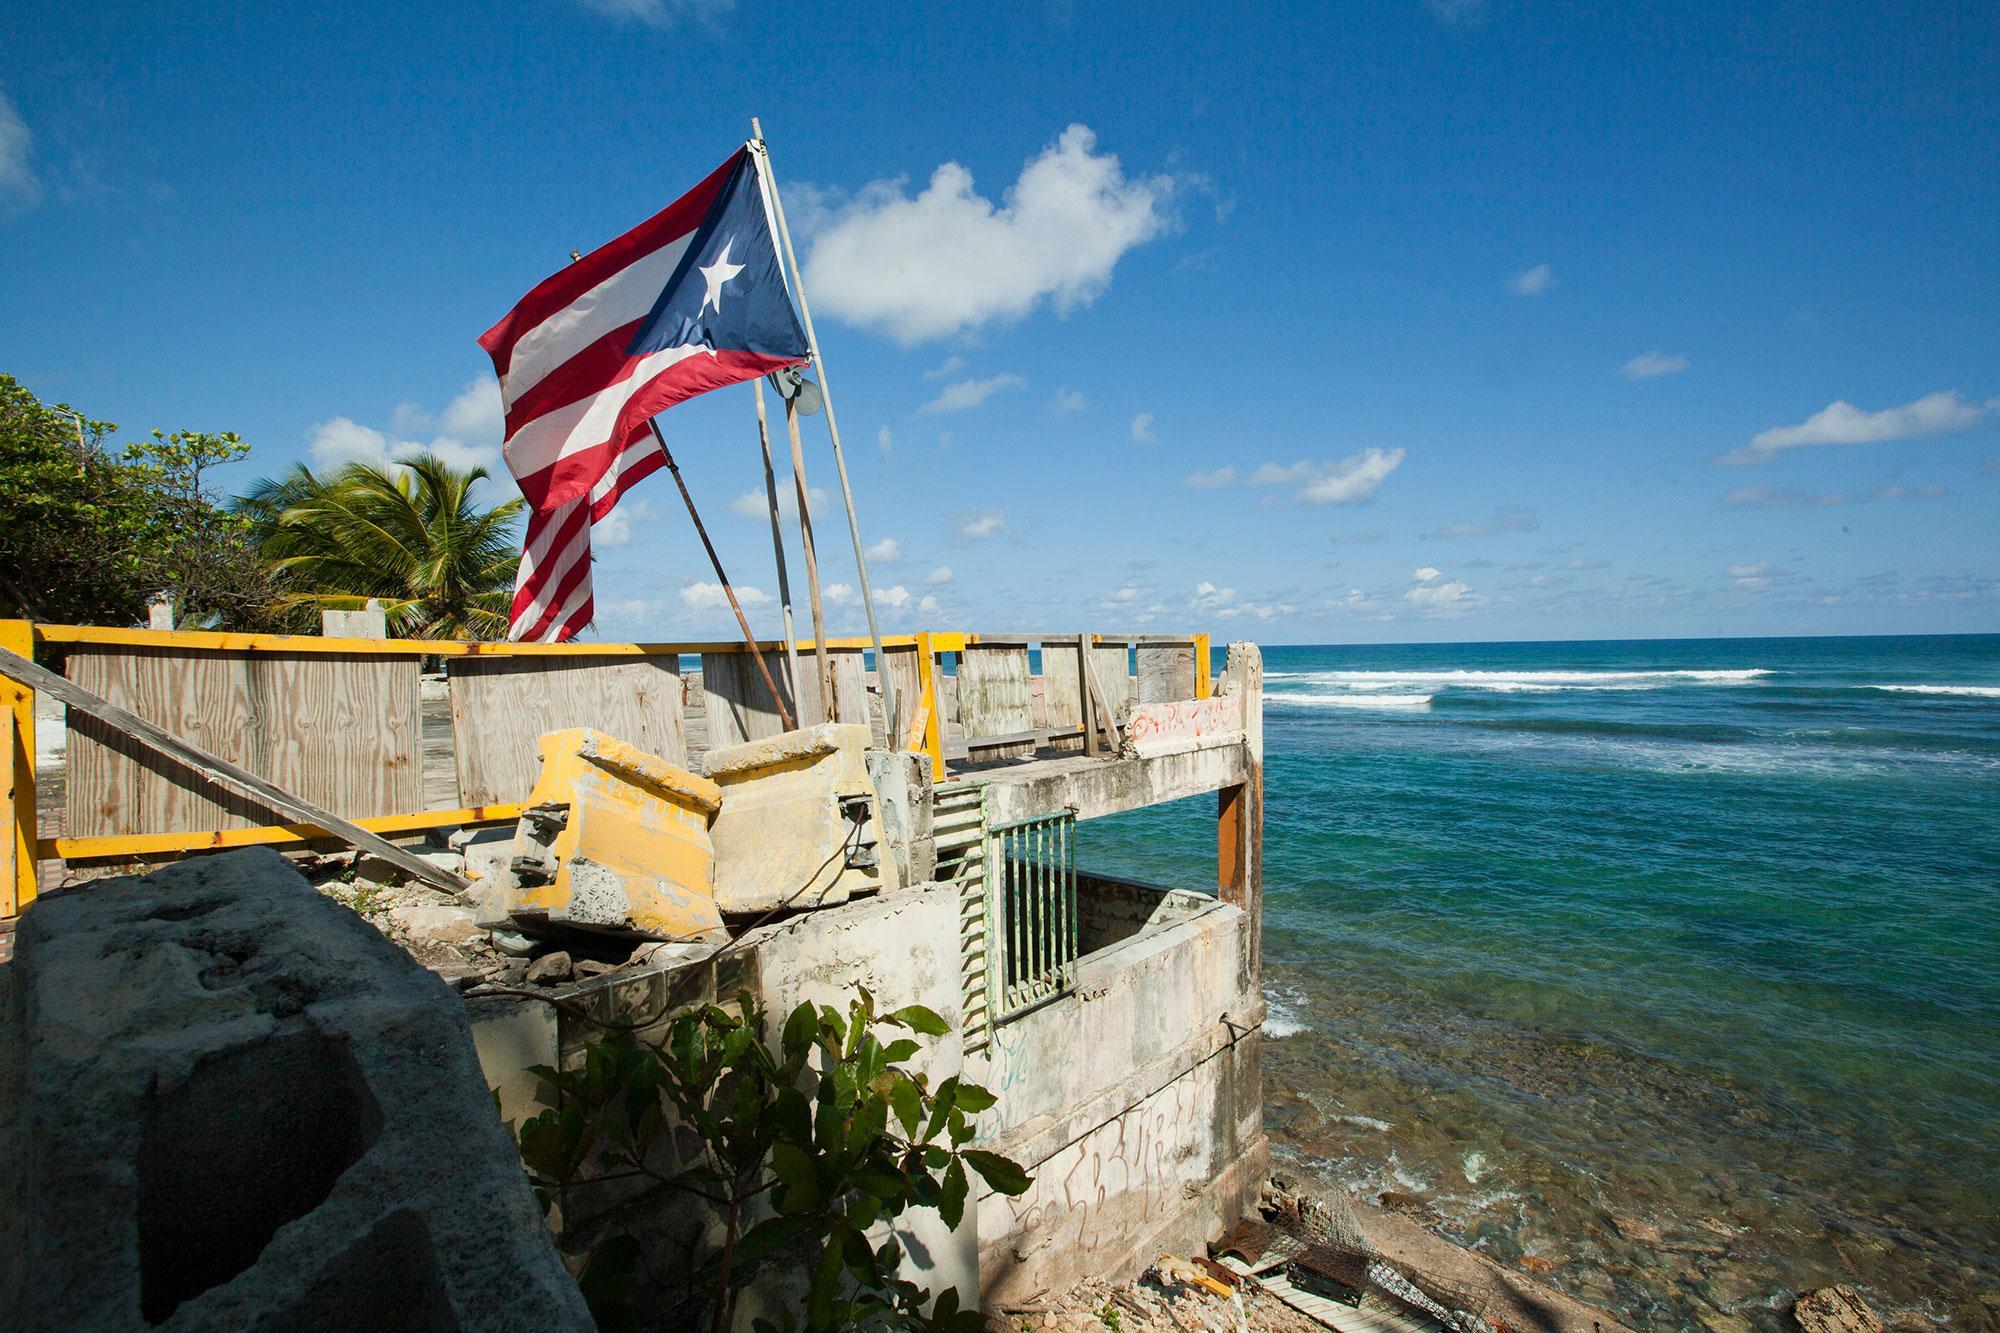 51. Puerto Rico